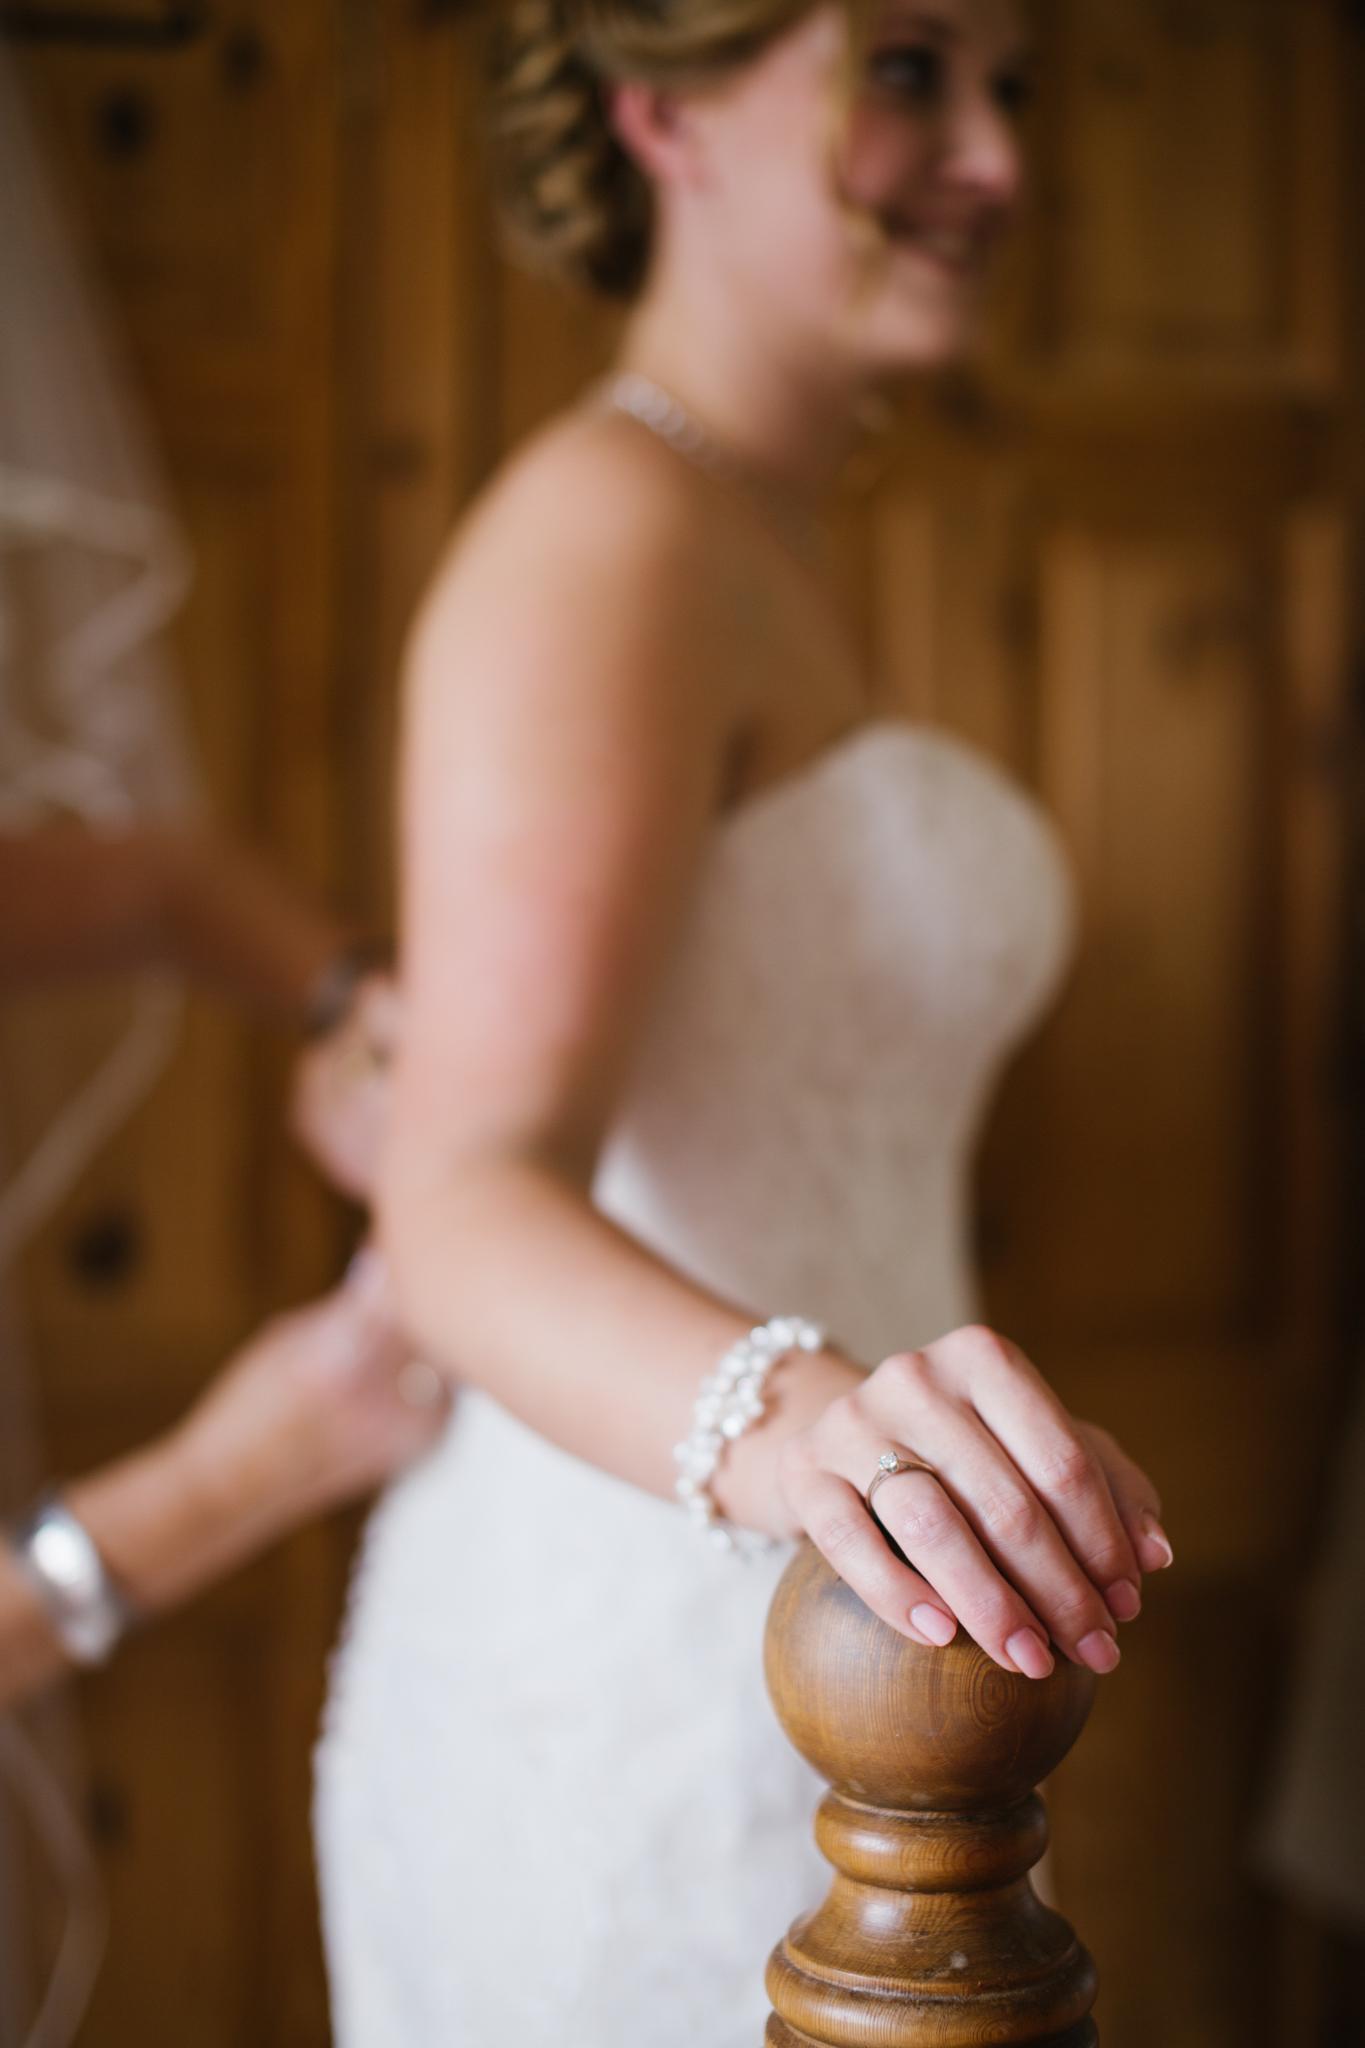 Simon_Rawling_Wedding_Photography-45.jpg